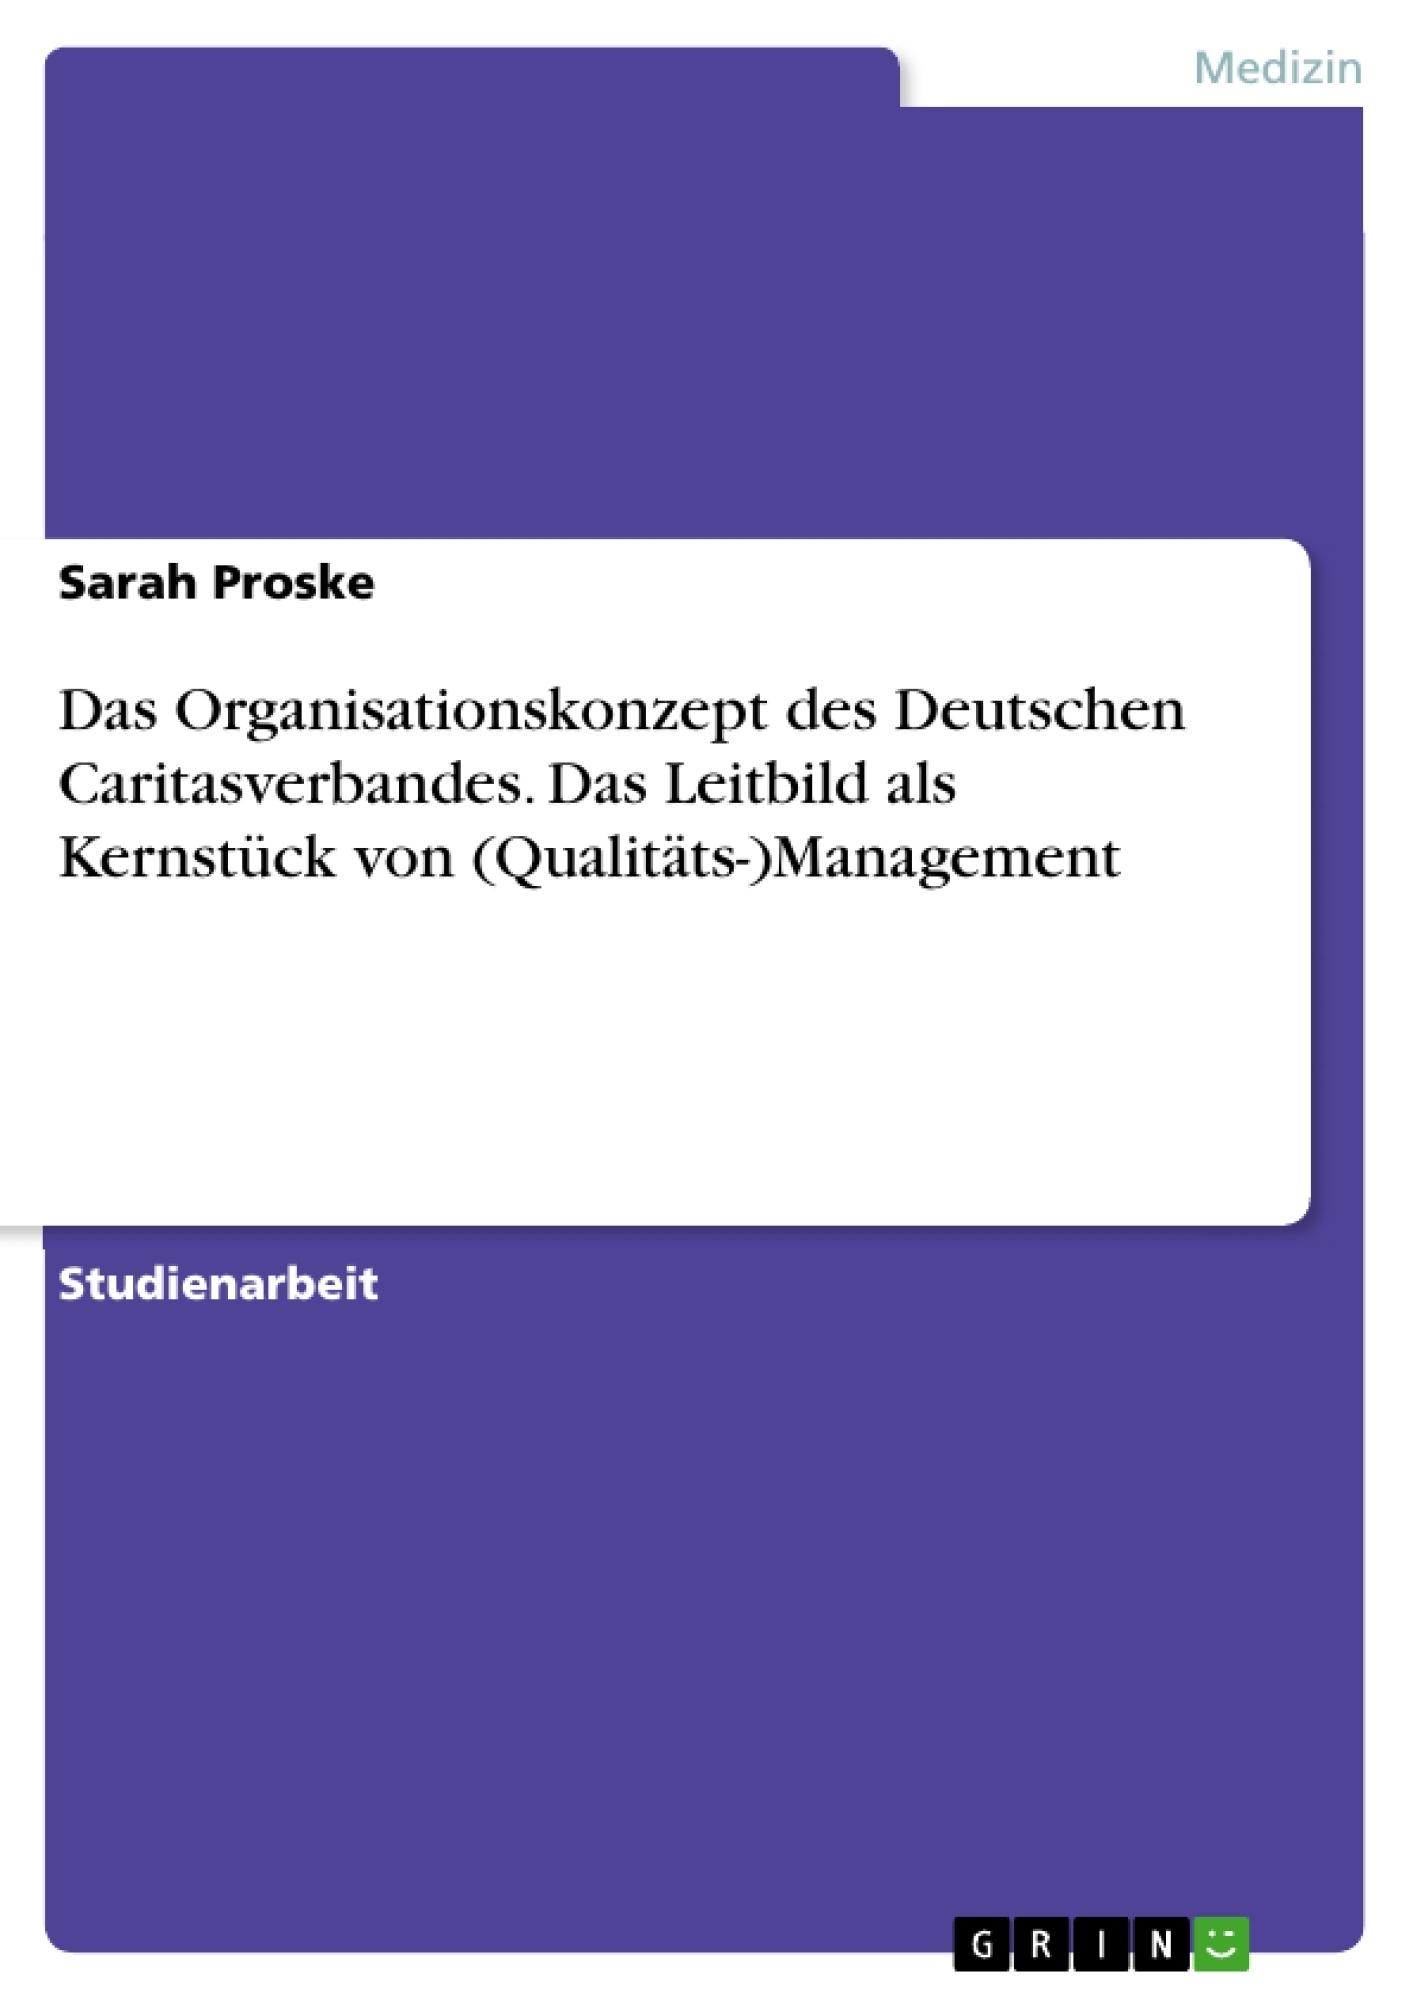 Titel: Das Organisationskonzept des Deutschen Caritasverbandes. Das Leitbild als Kernstück von (Qualitäts-)Management